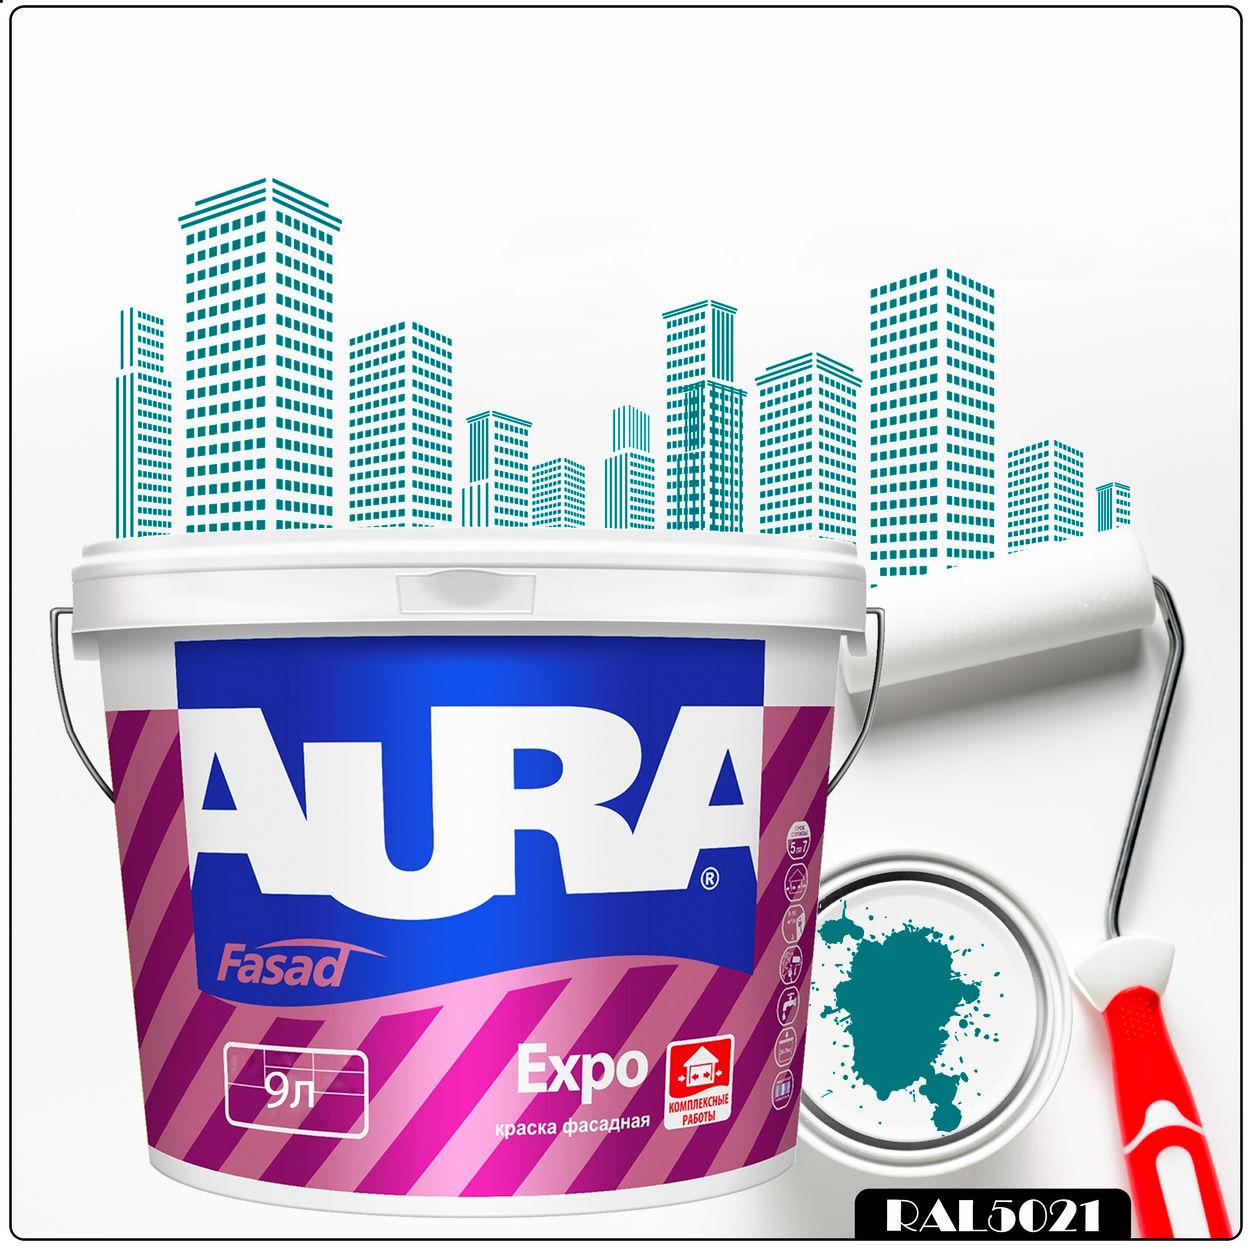 Фото 20 - Краска Aura Fasad Expo, RAL 5021 Водянисто-синий, матовая, для фасадов и помещений с повышенной влажностью, 9л.